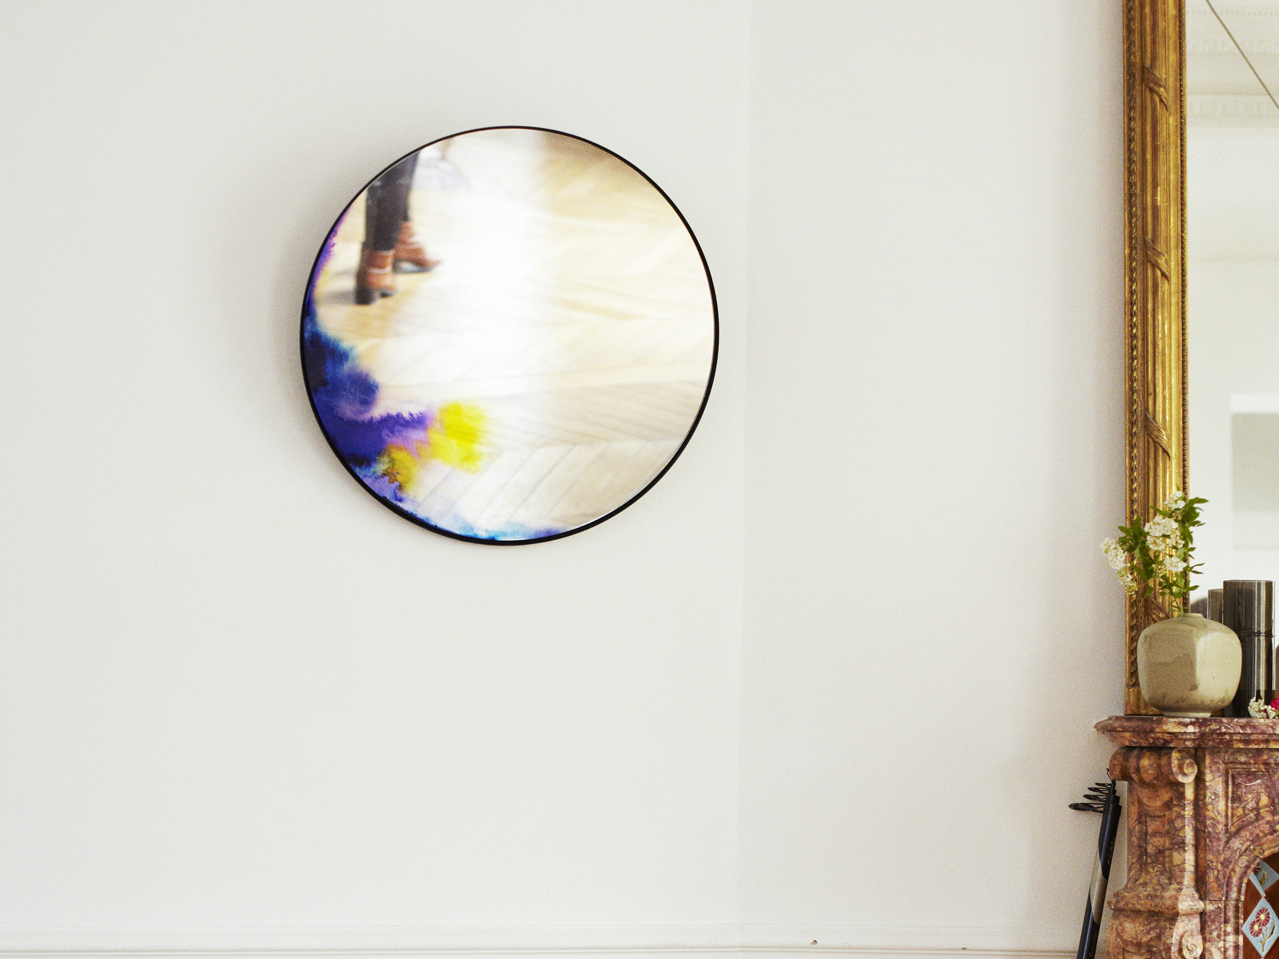 mirror petite friture